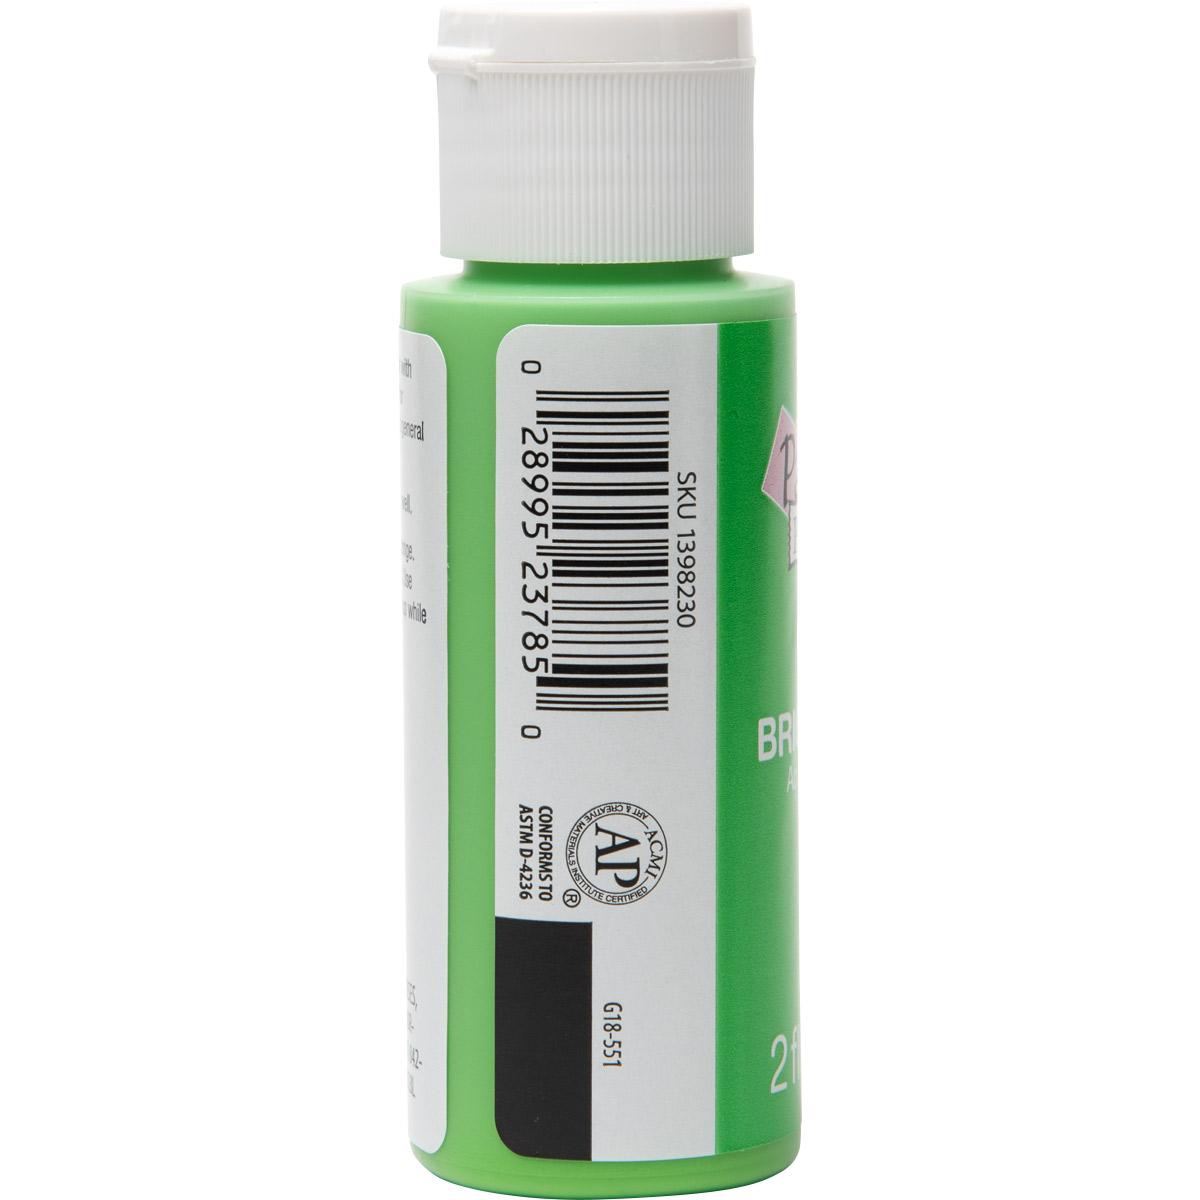 Plaid ® Painter's Palette™ Acrylic Paint - Bright Green, 2 oz. - 23785